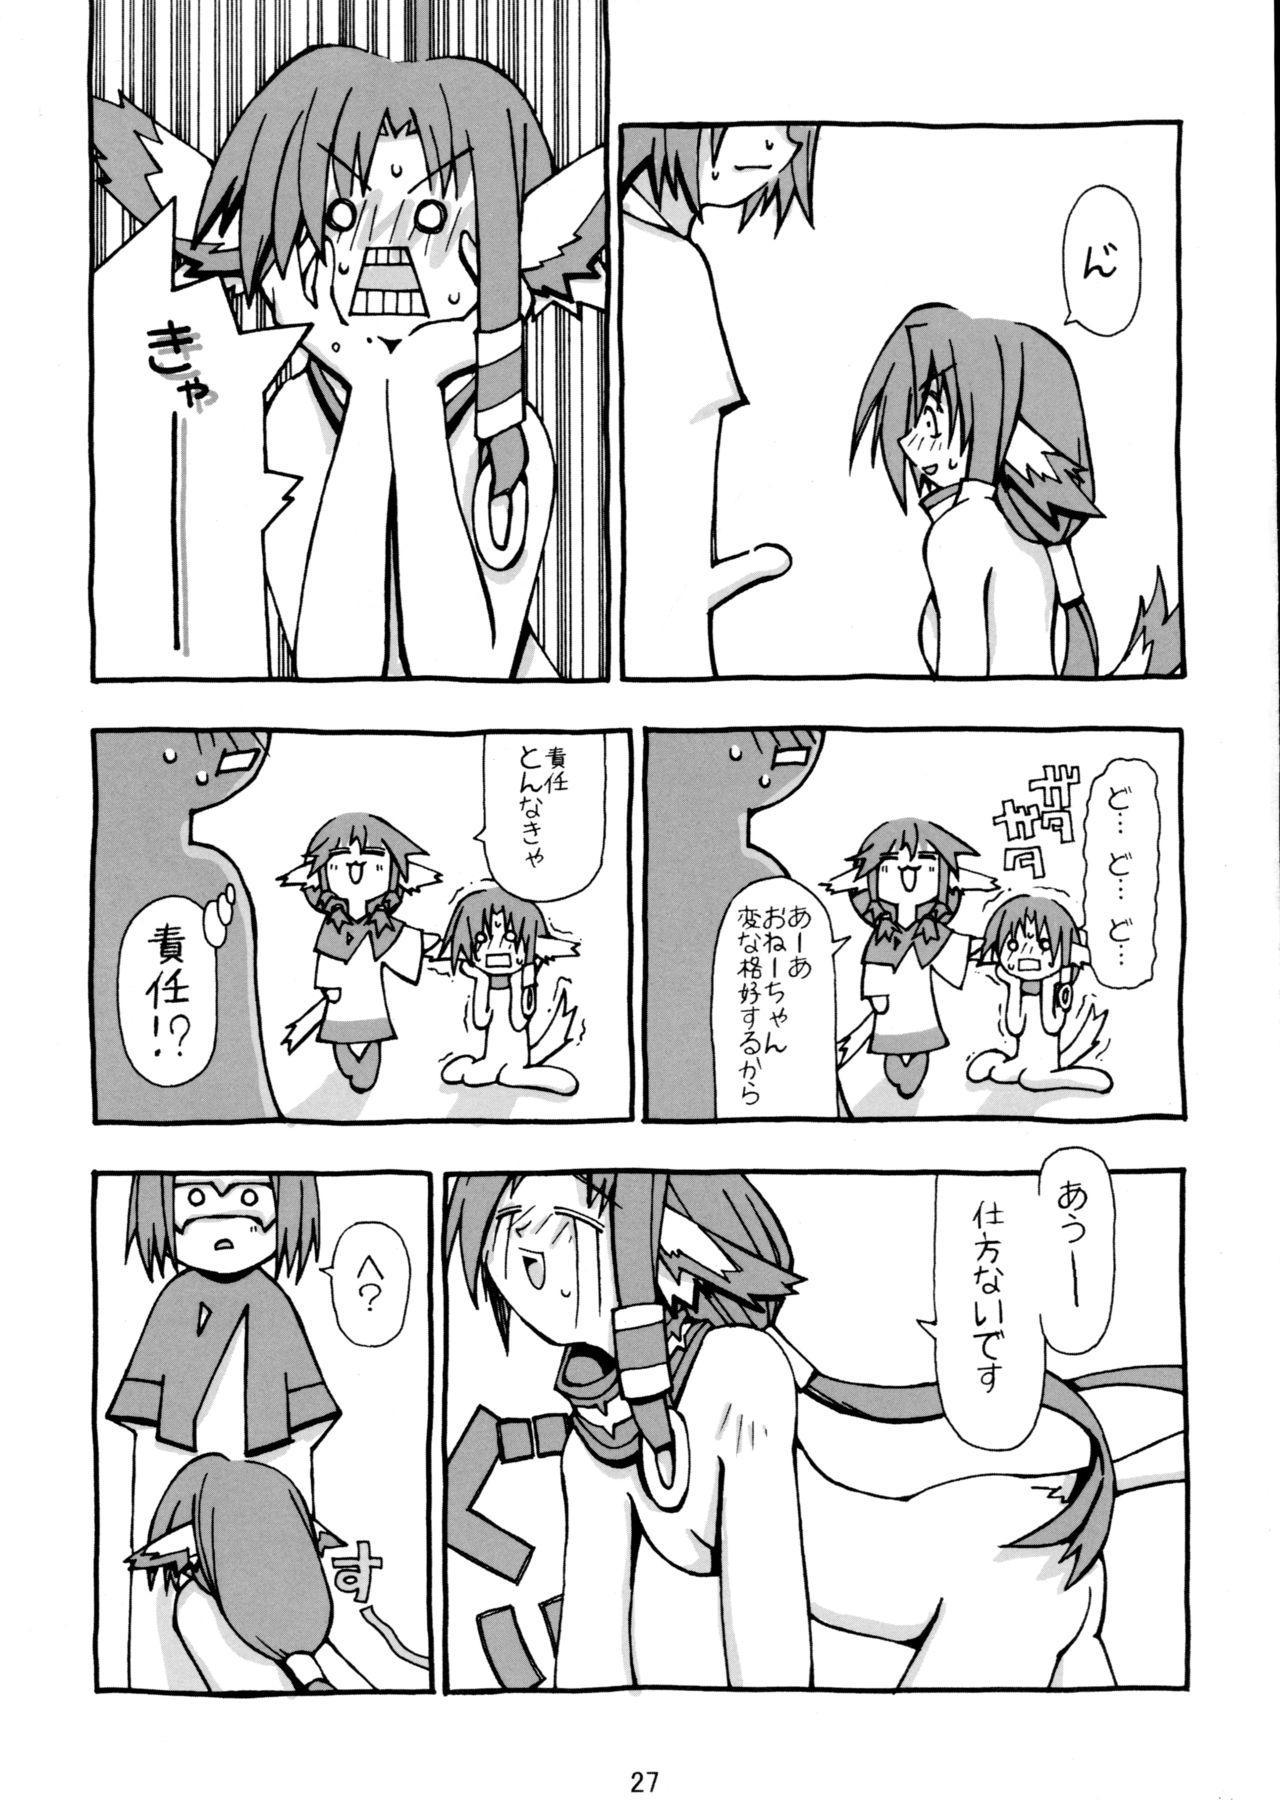 Hachimitsu 28